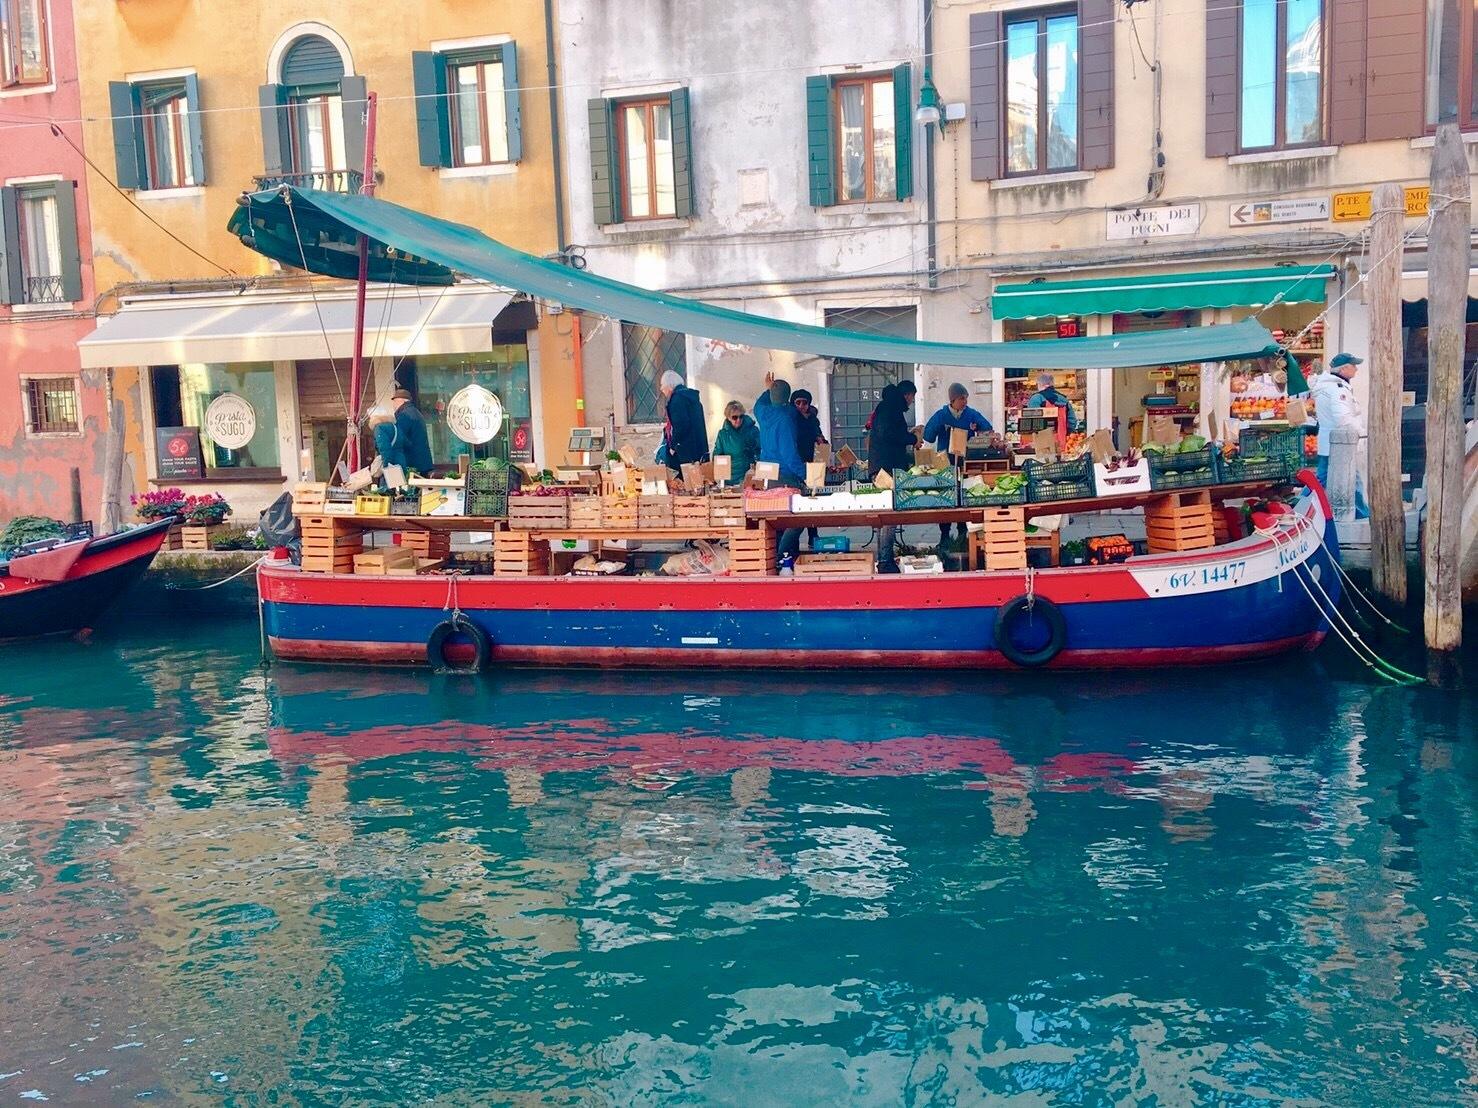 ロマンチックなイタリア旅行 --水の都【ベネチア】を観光--_1_1-1